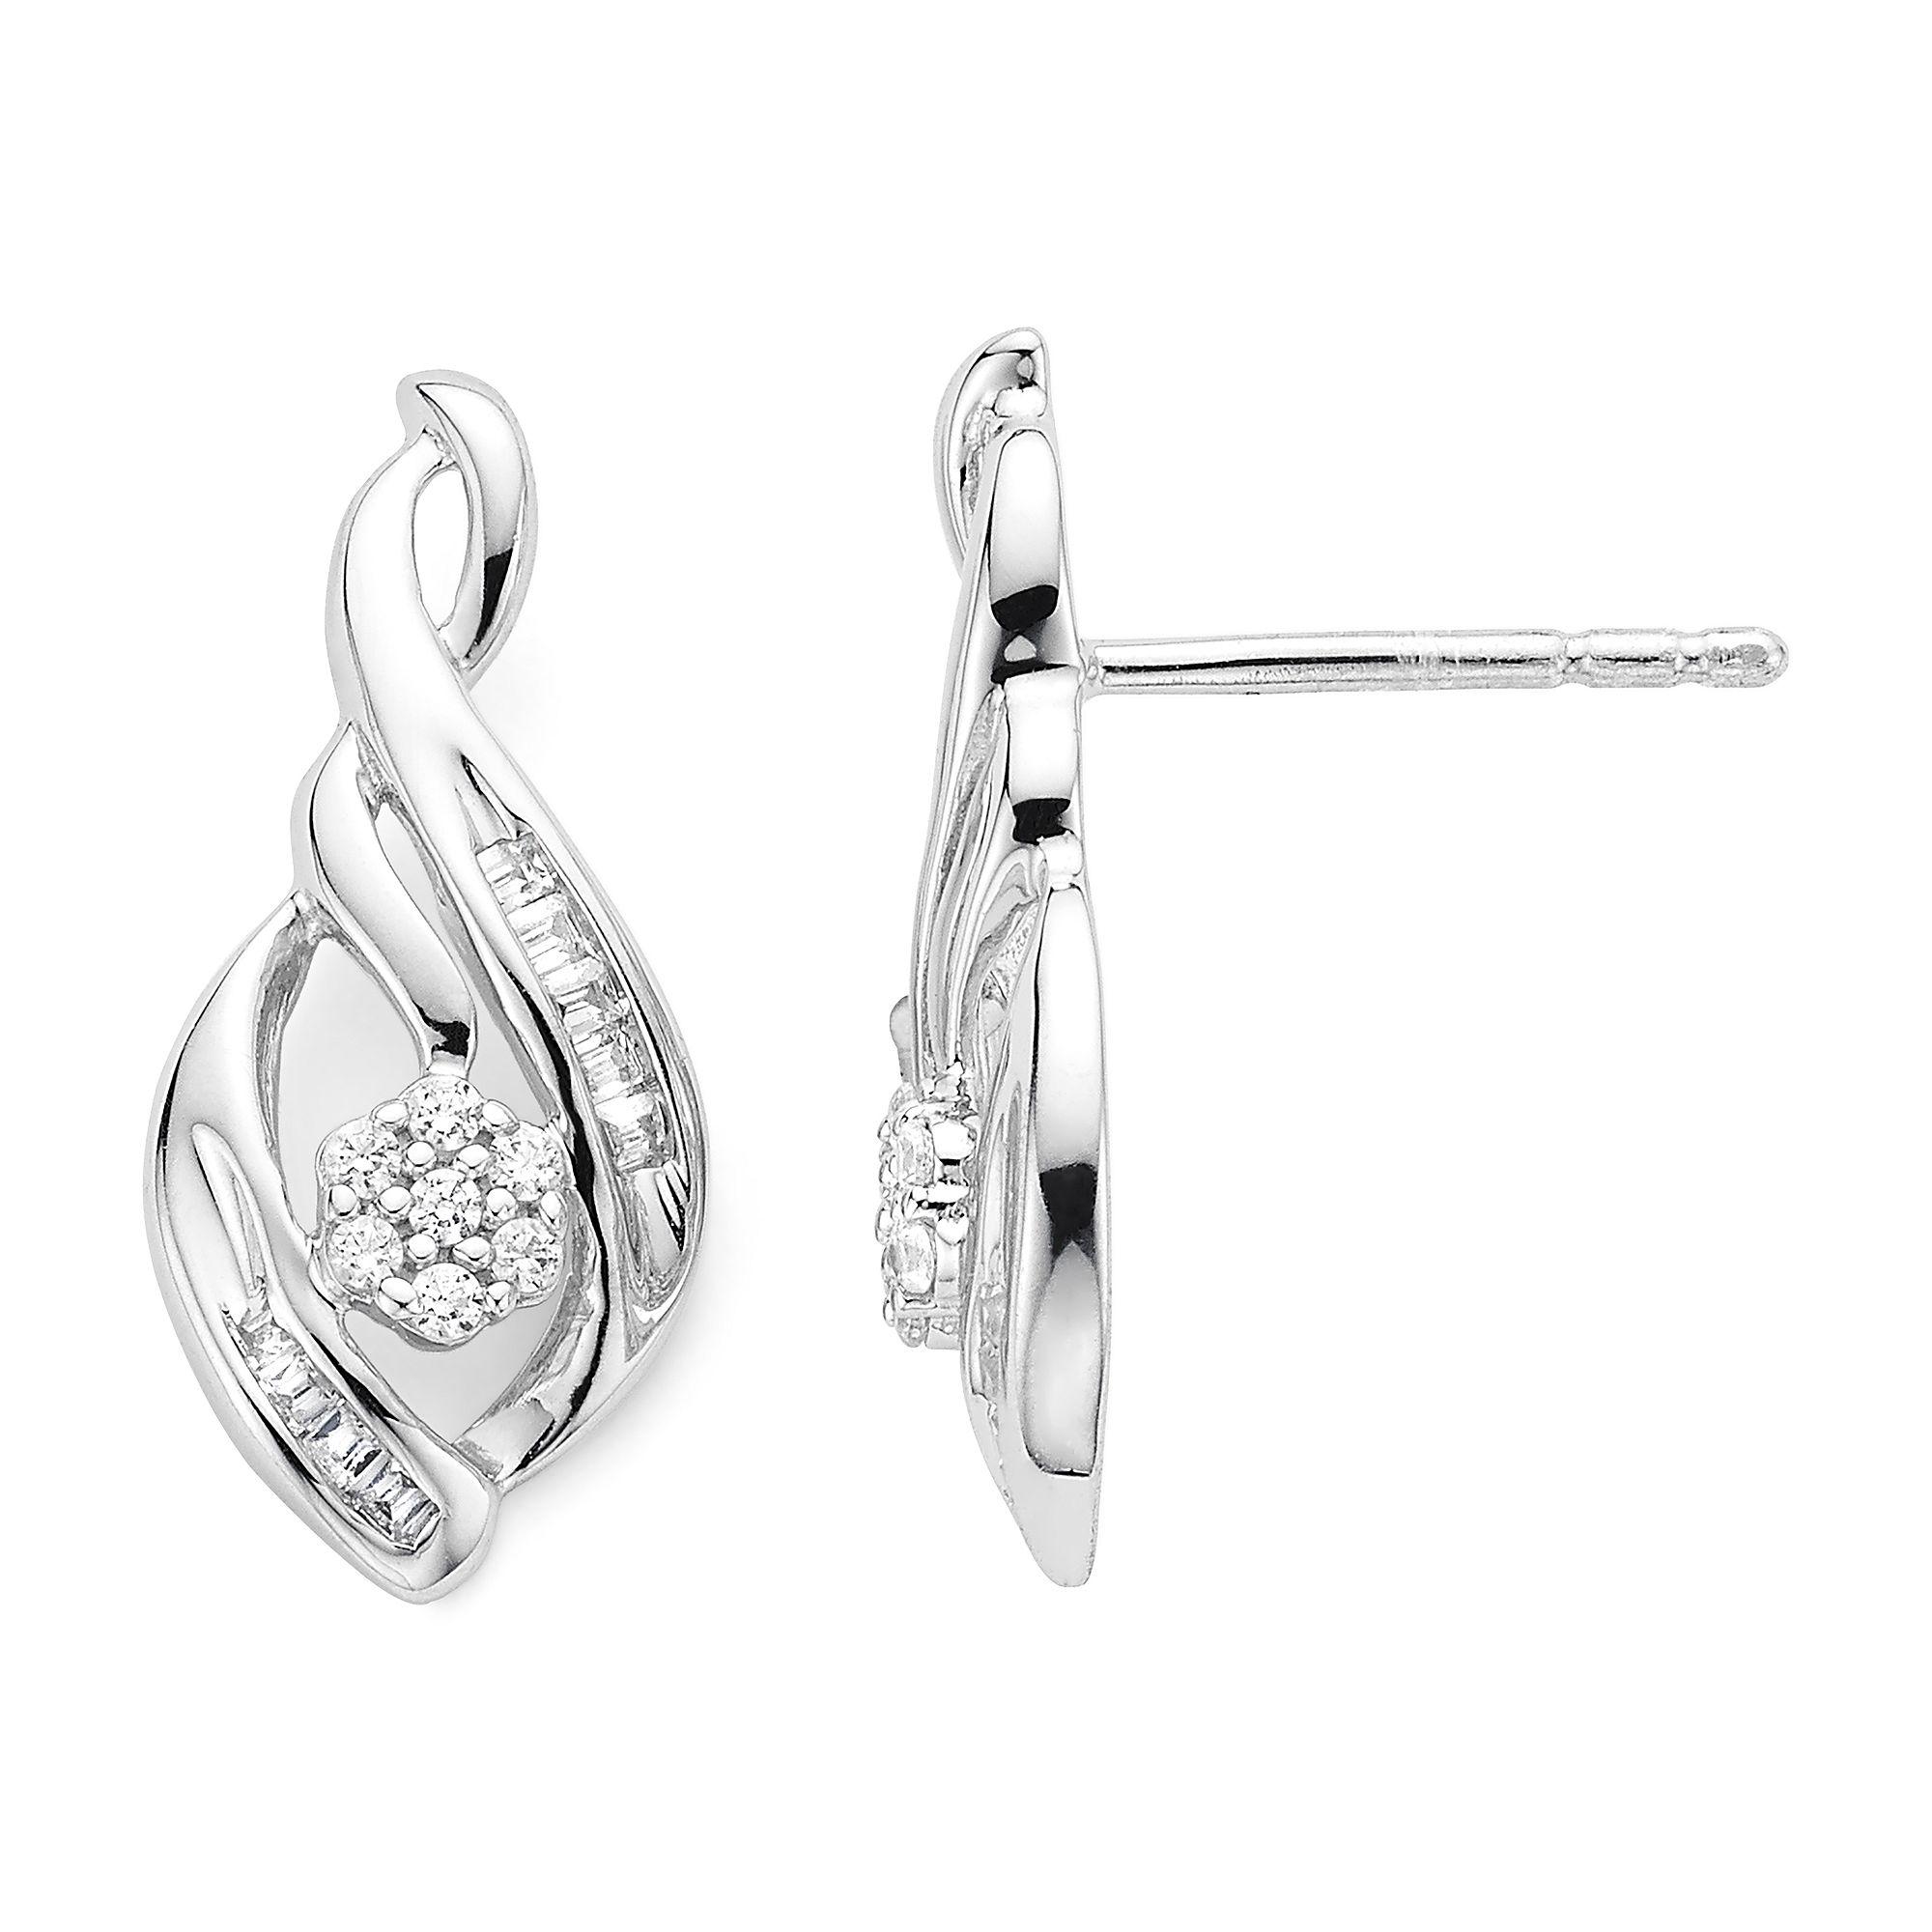 4 Ct Tw Diamond N Sterling Silver Earrings Jcpenney